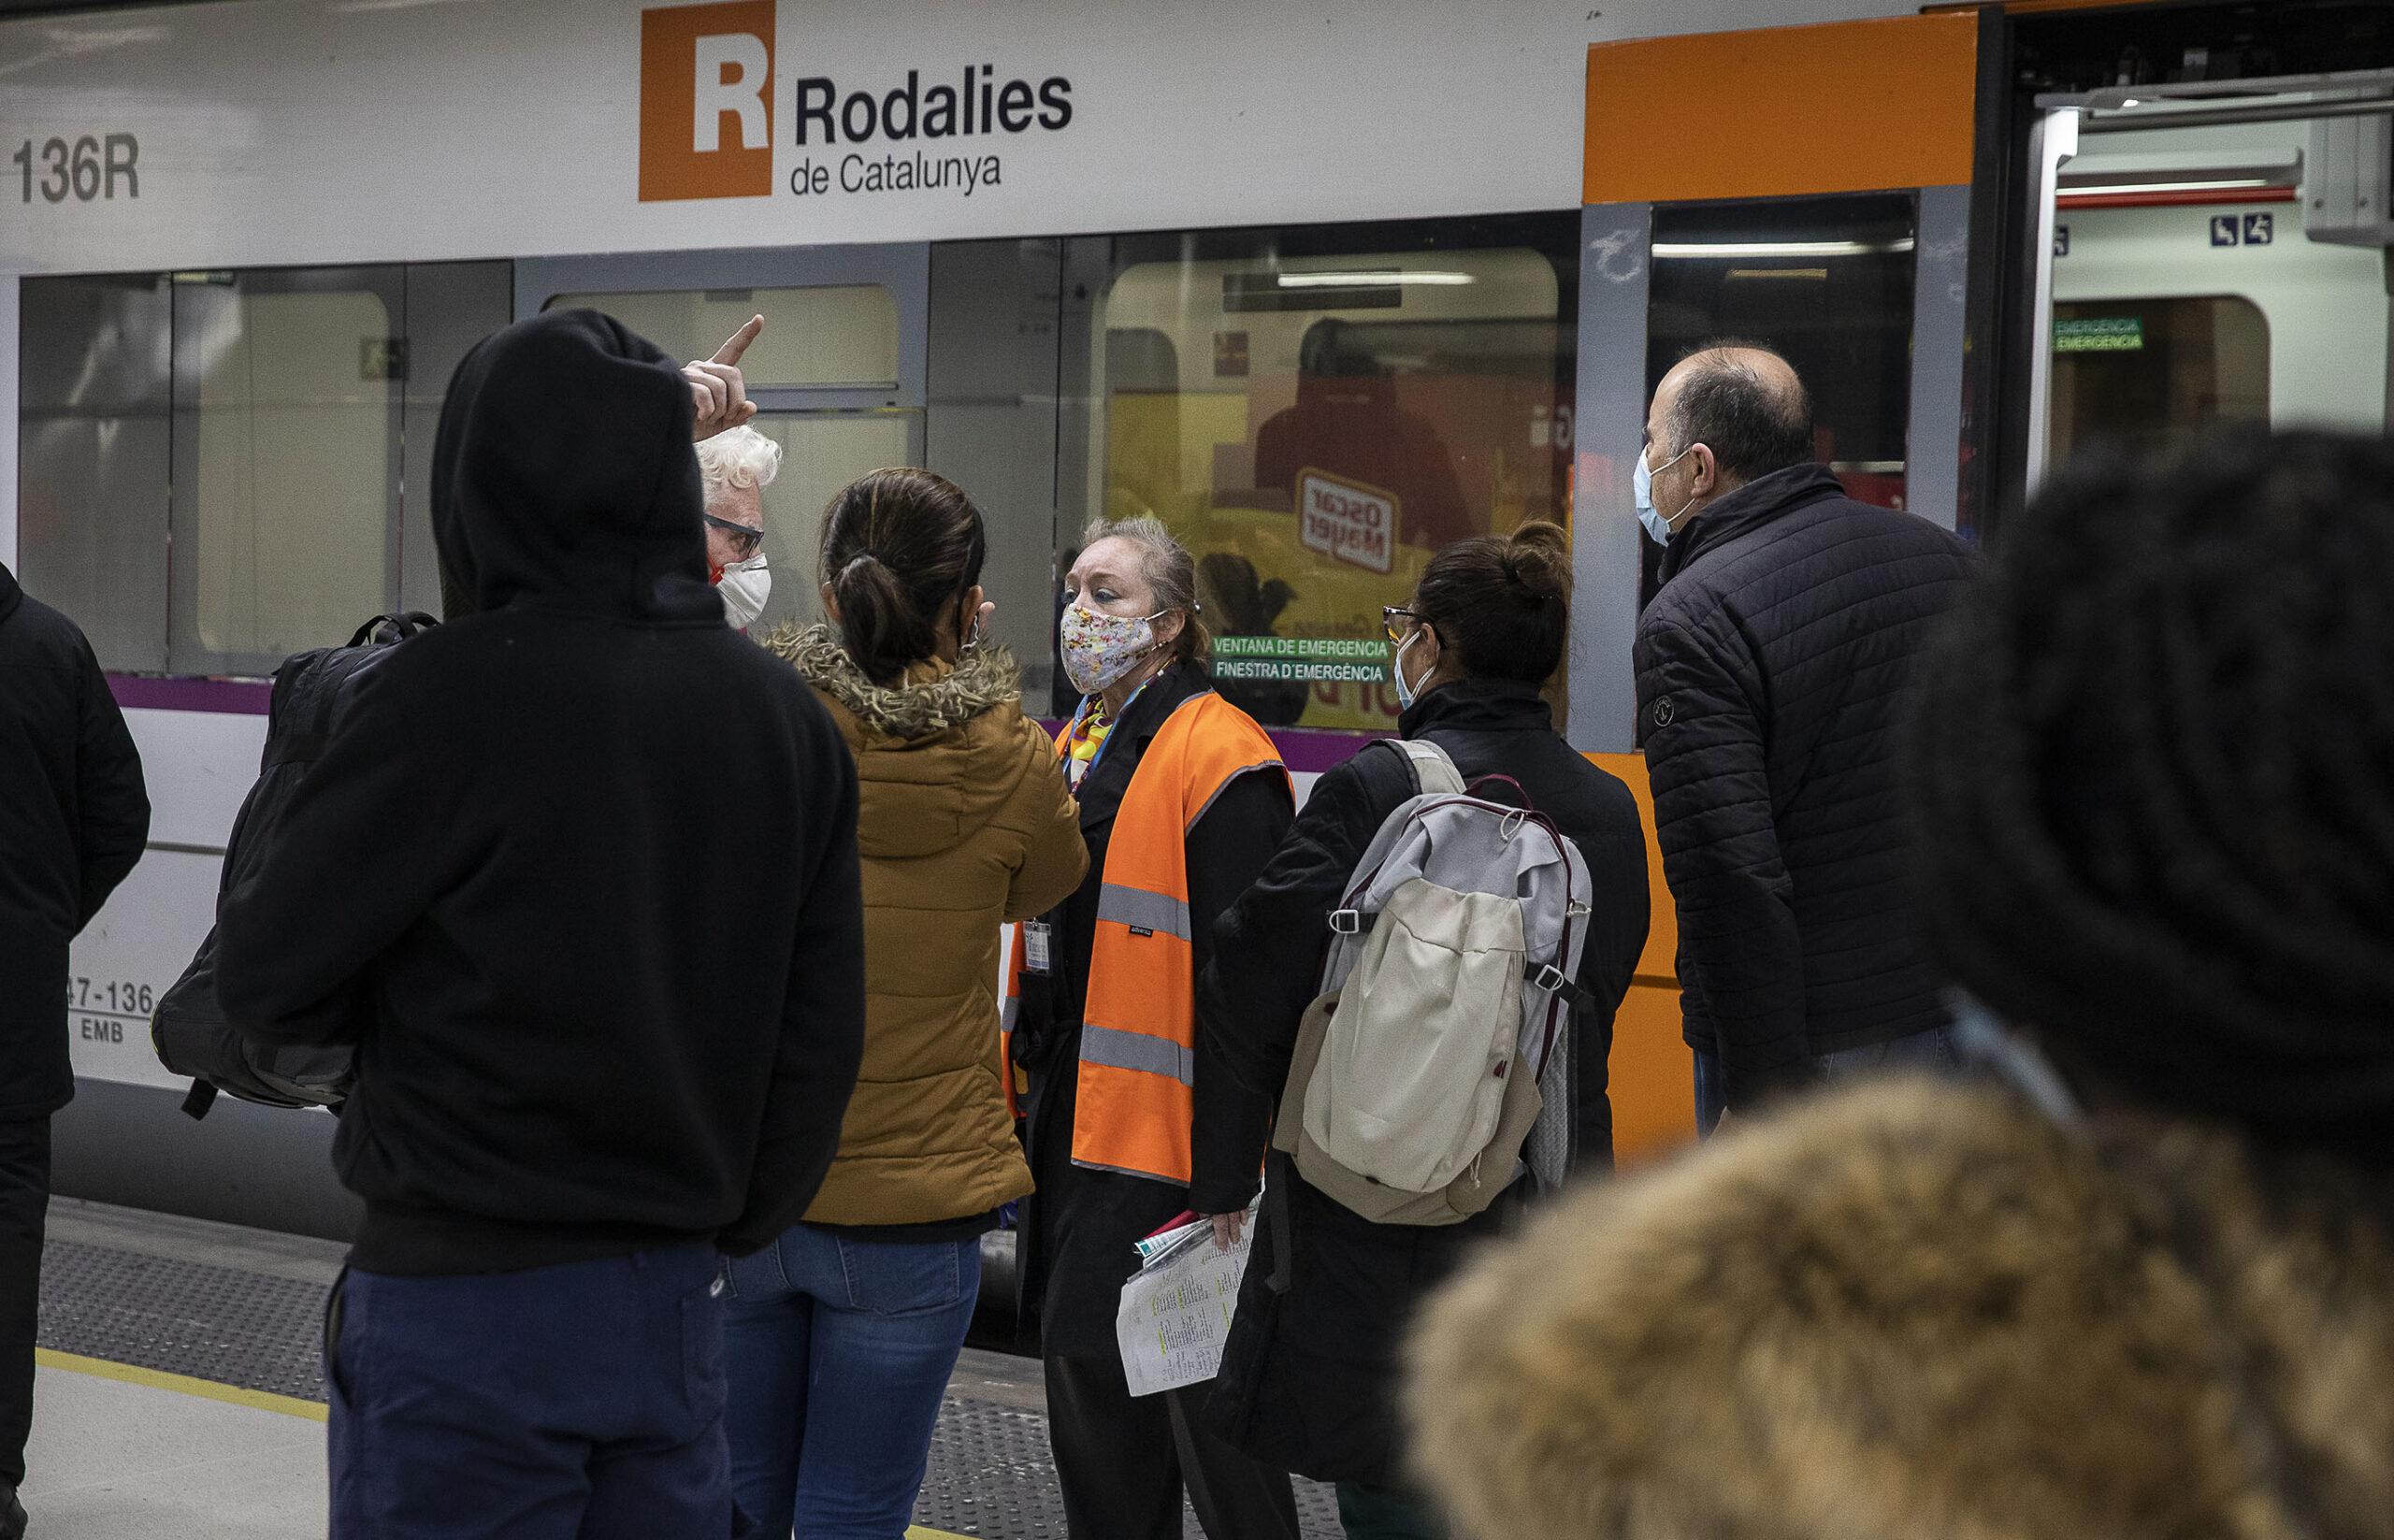 Imatge d'arxiu d'usuaris de Renfe Rodalies a Sants / Jordi Play